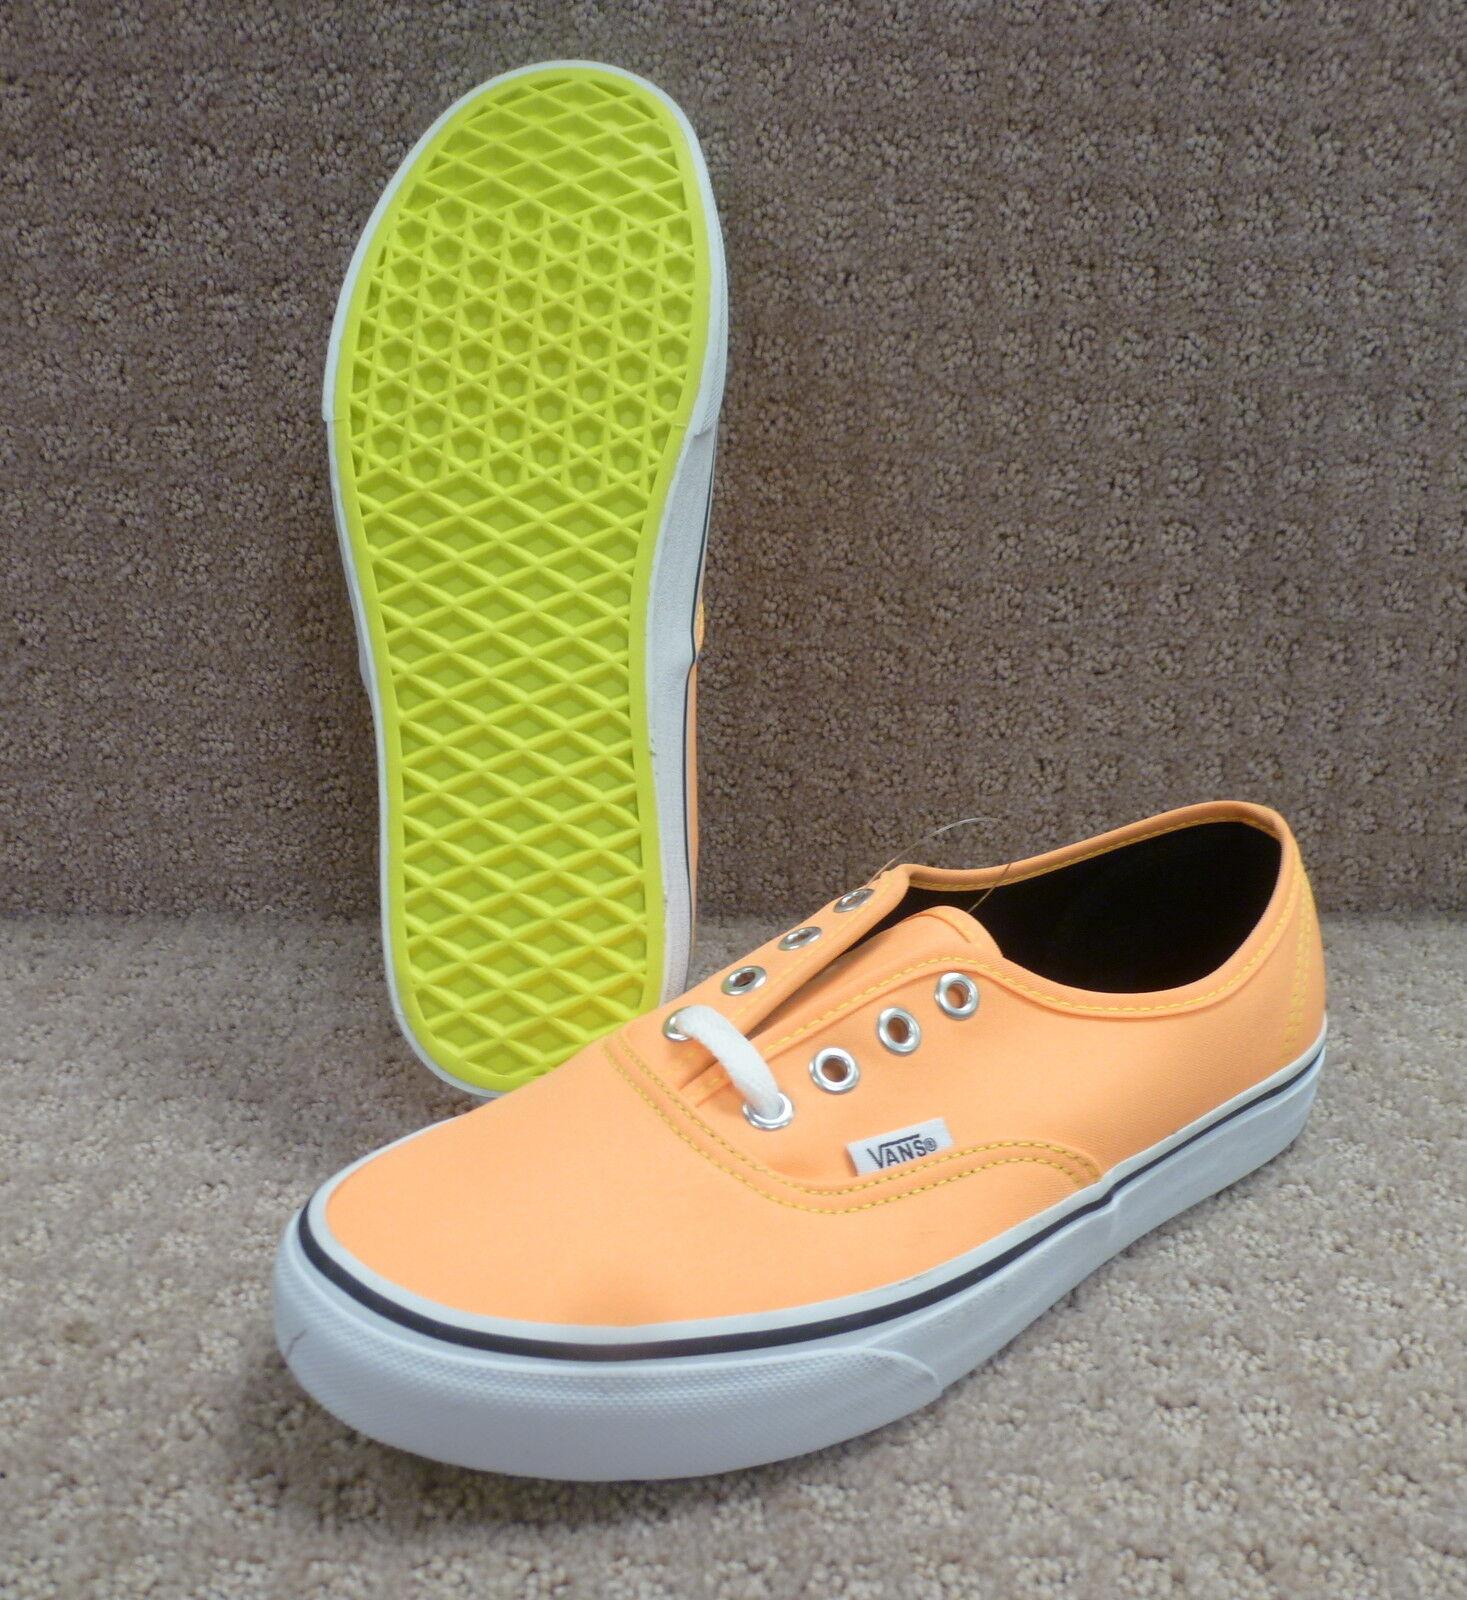 Vans Men's shoes's Authentic color (Neon) orange Yellow